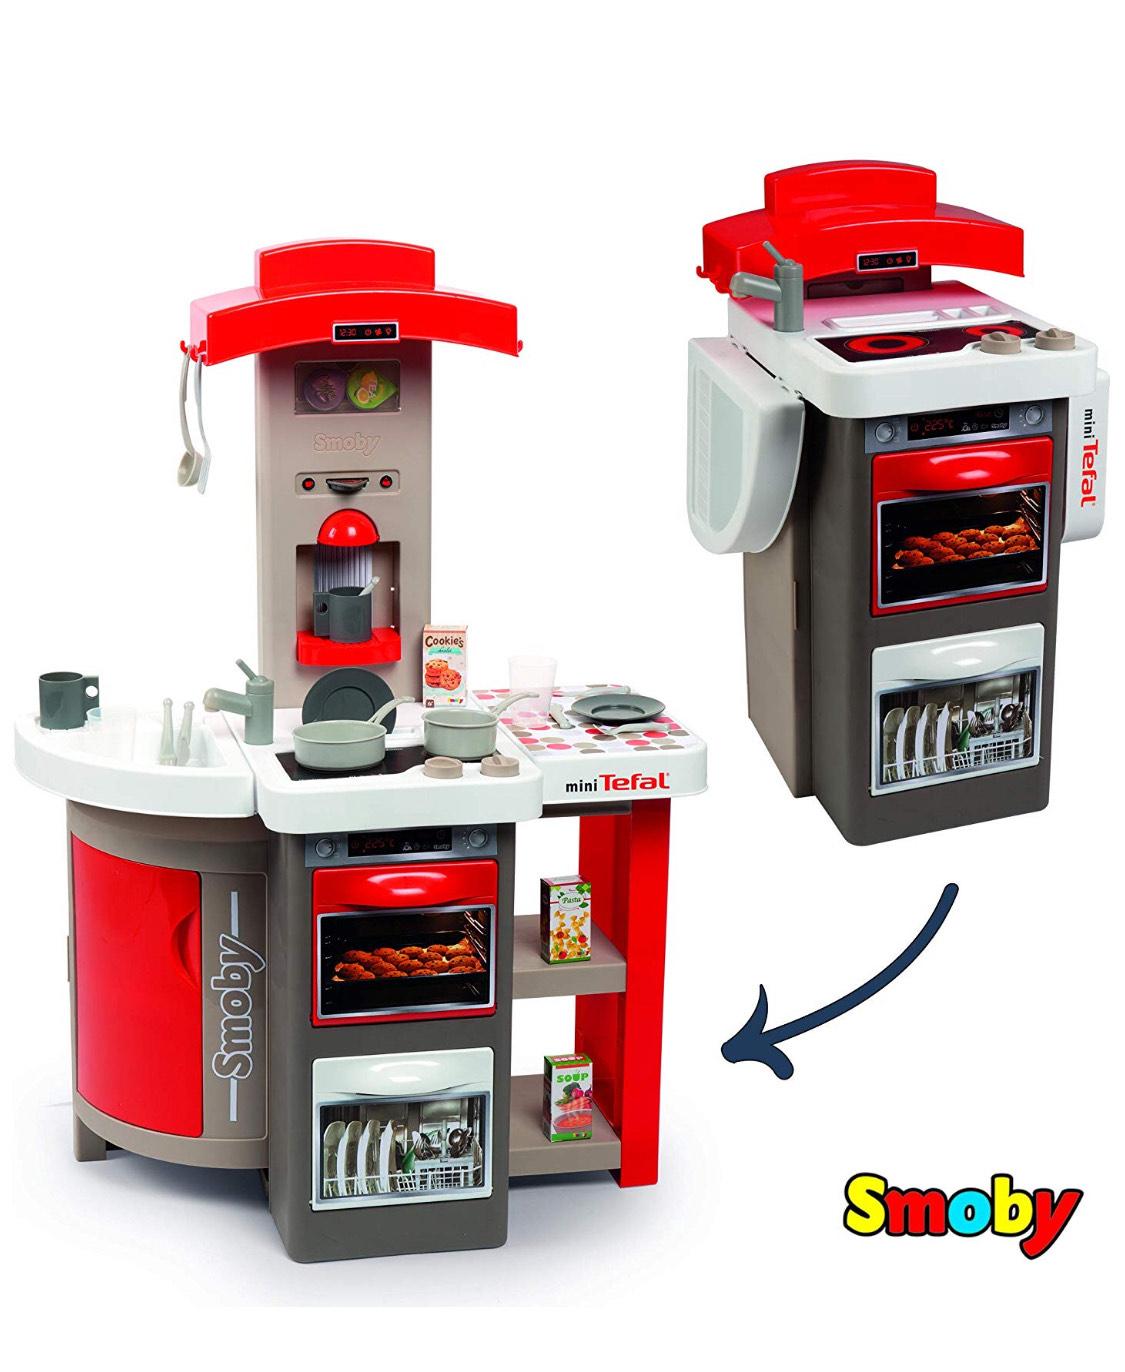 Smoby- Cocina de Juguete Plegable, Color Rojo. Mínimo Histórico